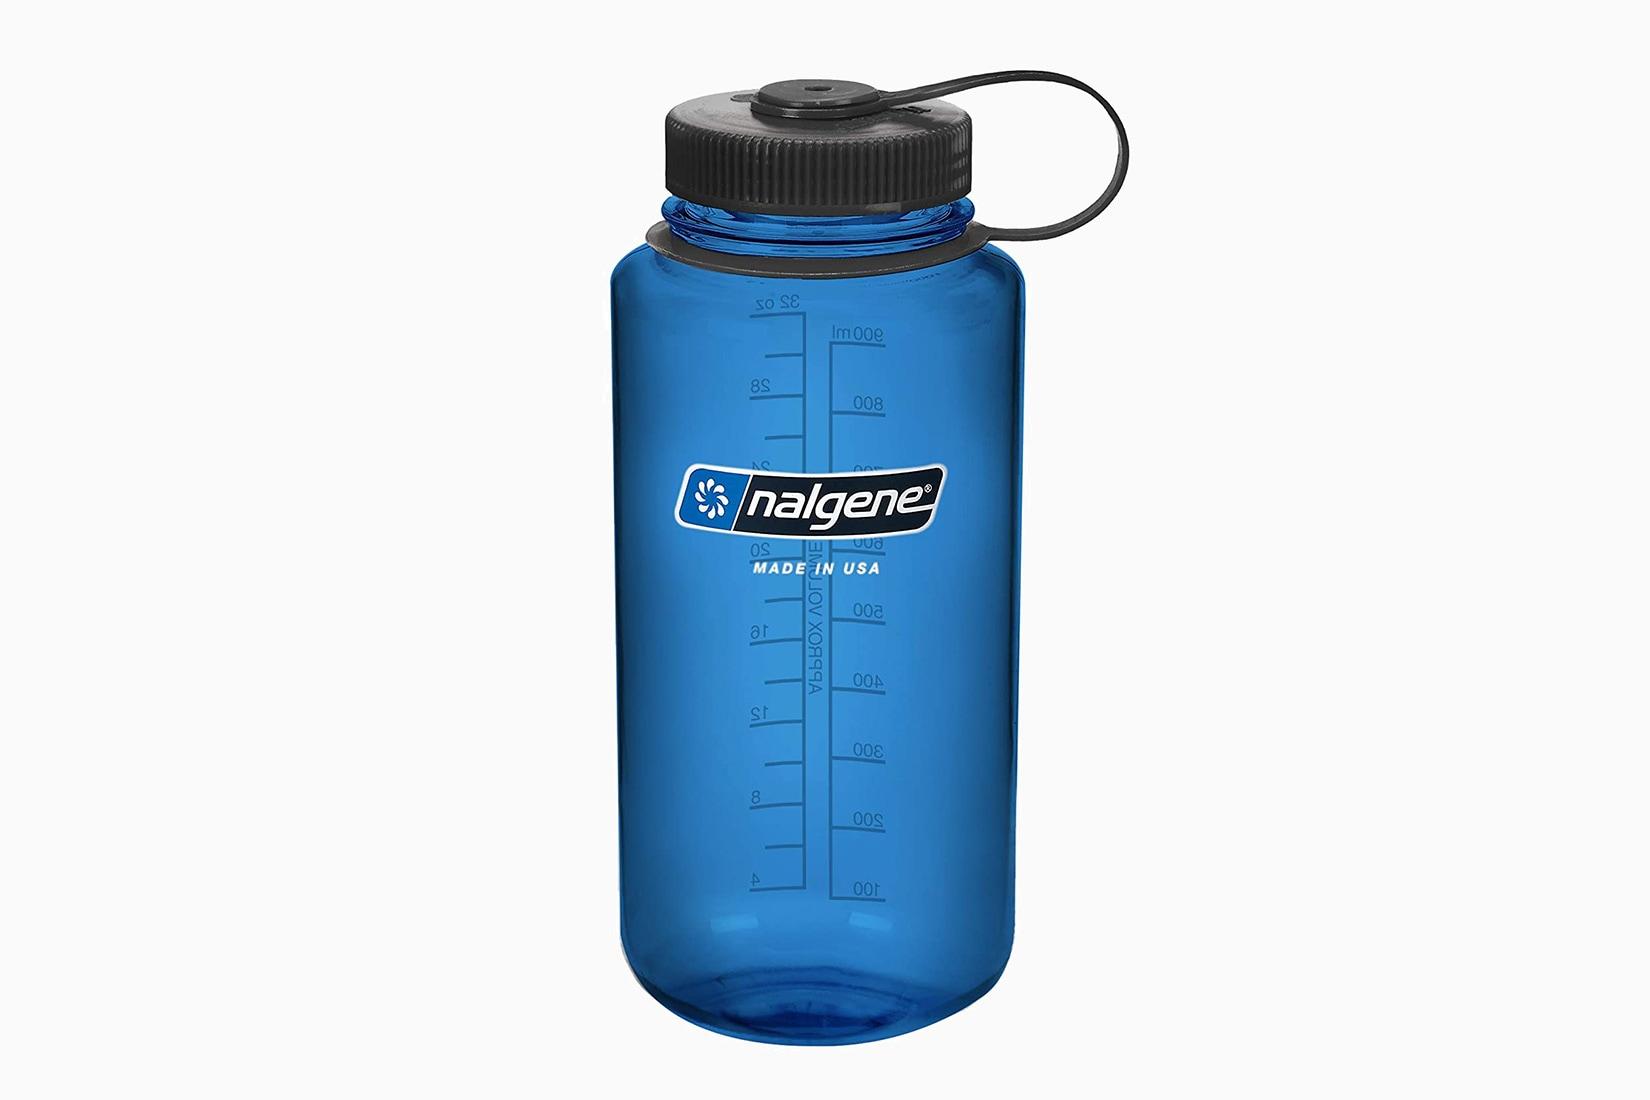 best water bottles bpa-free nalgene tritan - Luxe Digital